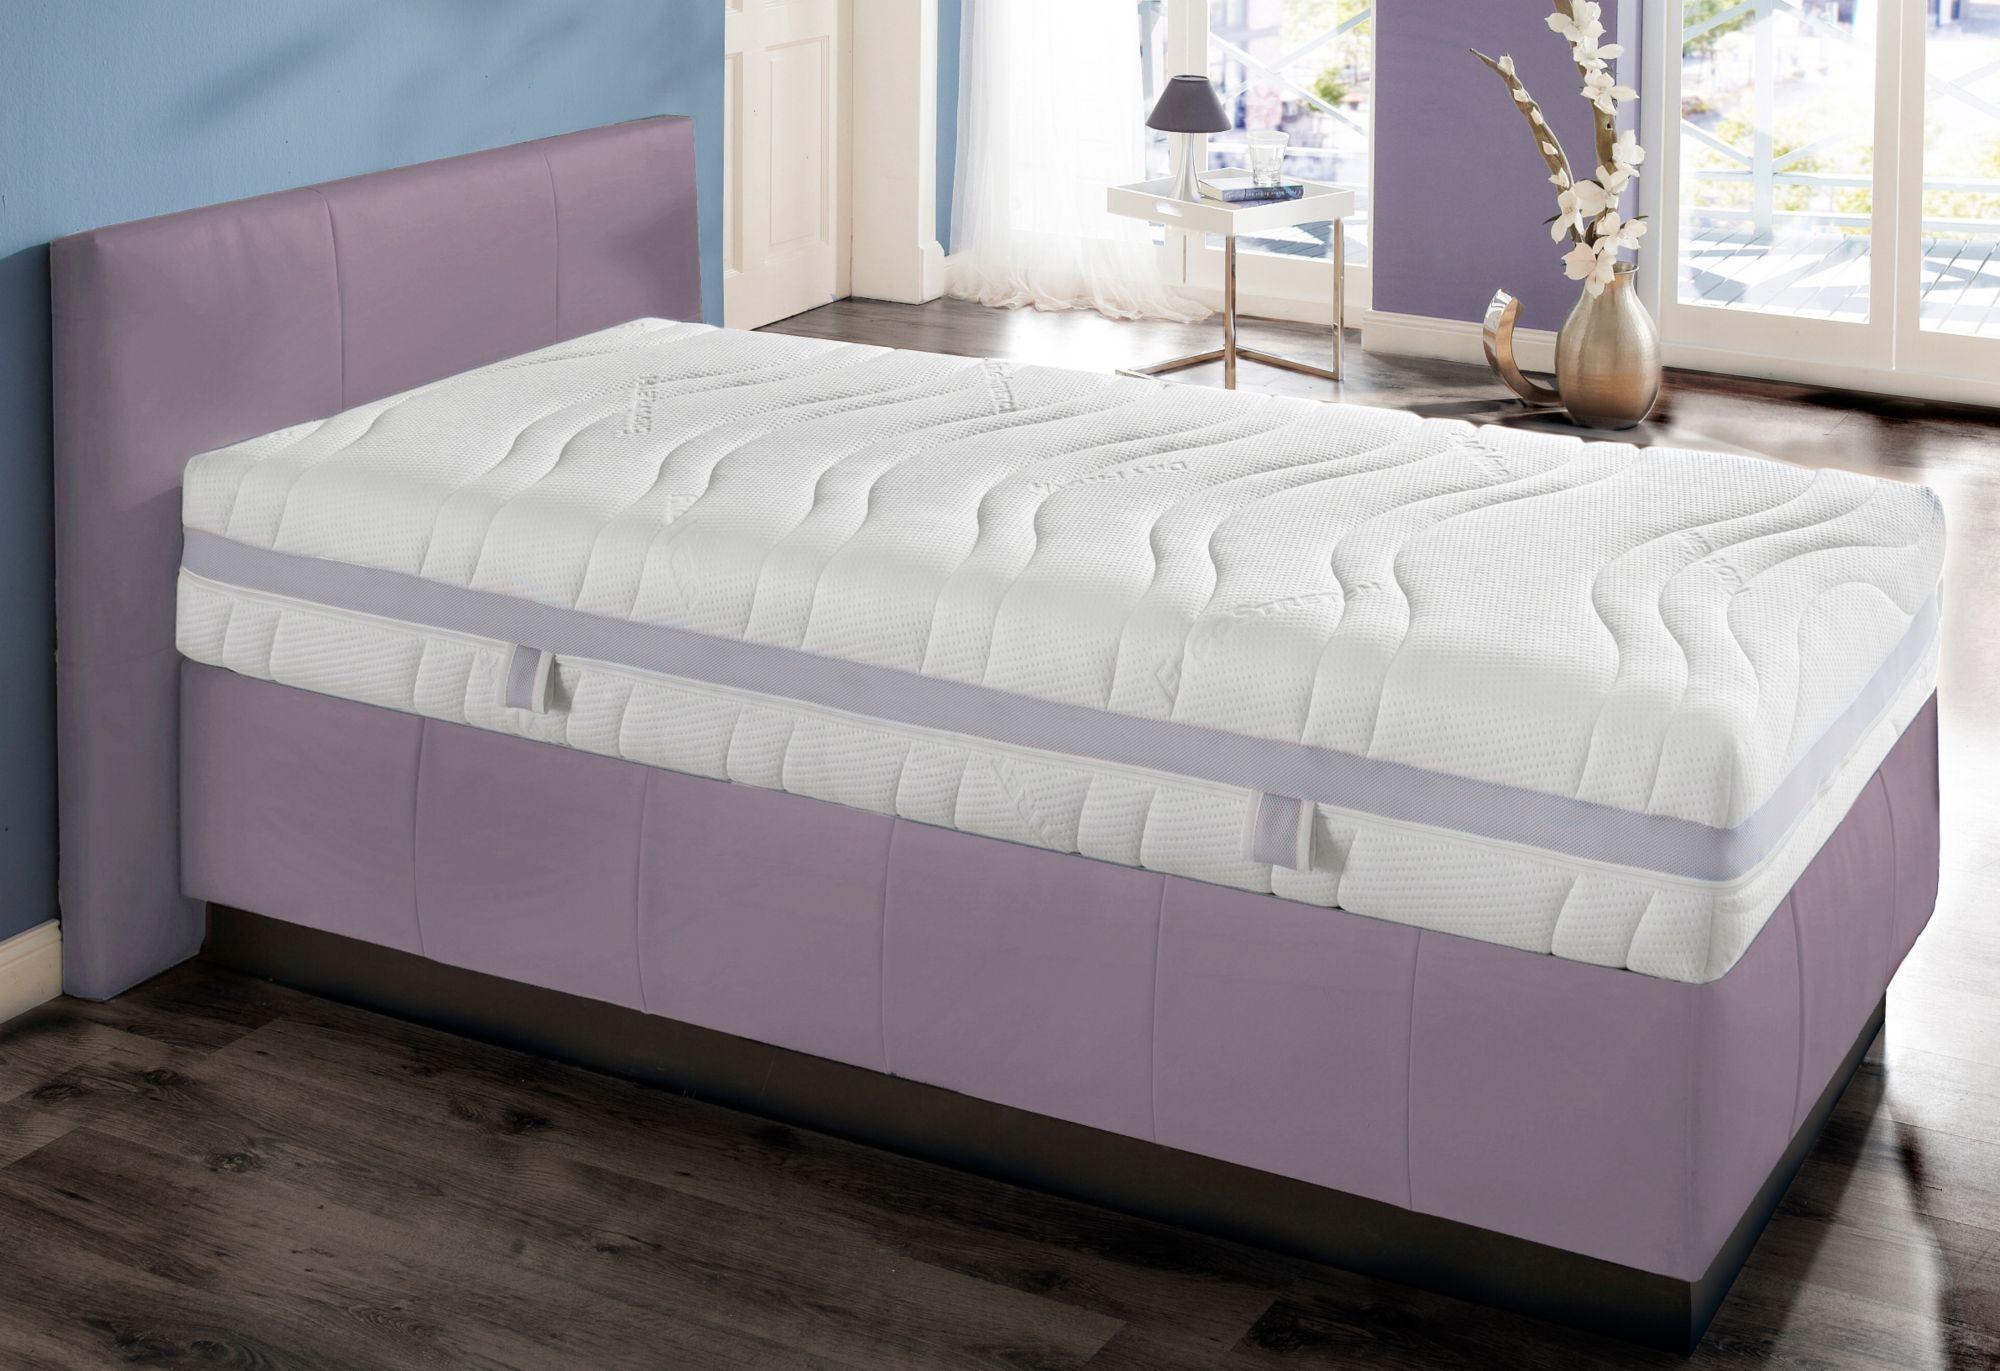 BECO Komfortschaummatratze, »gut Schlafen Bezug«, BeCo, 29 cm hoch, Raumgewicht: 35, extra hoch und komfortabel mit atmungsaktiven Klima-Bezug